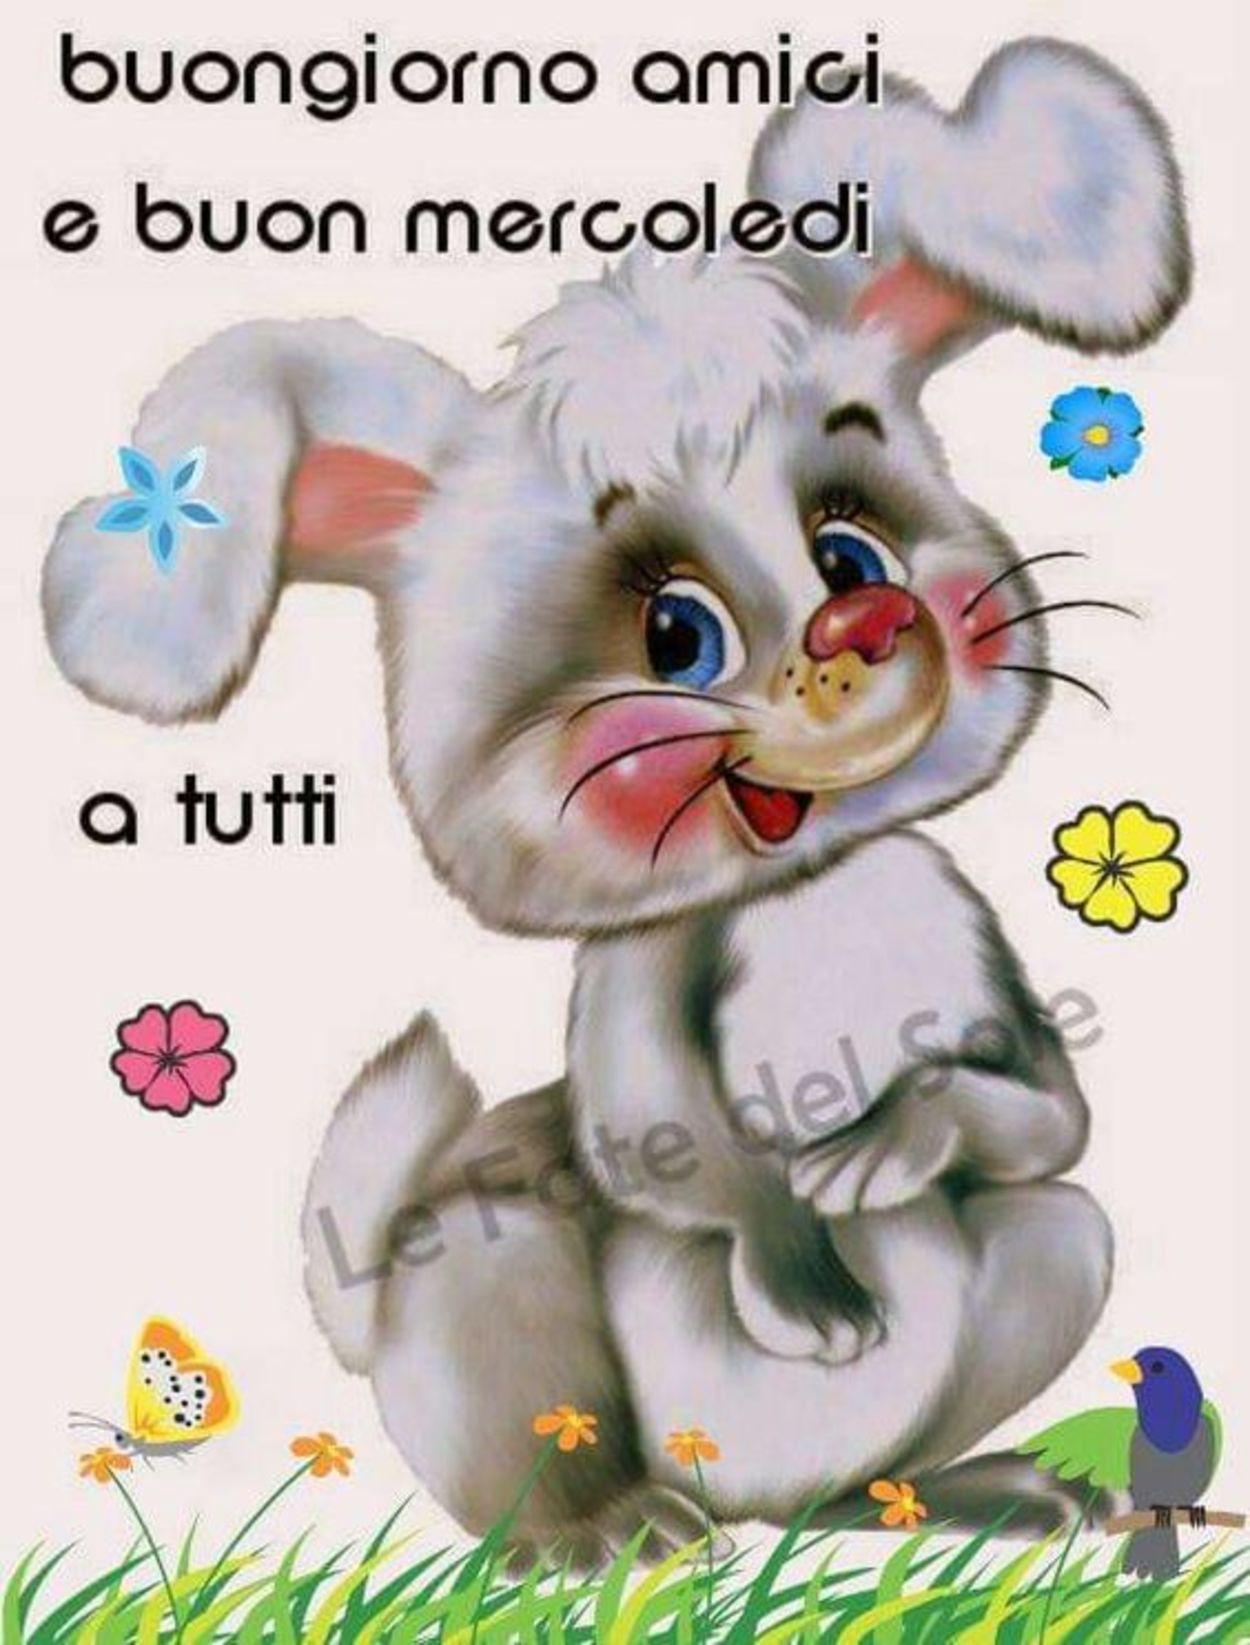 Buongiorno amici e buon mercoledì (2)